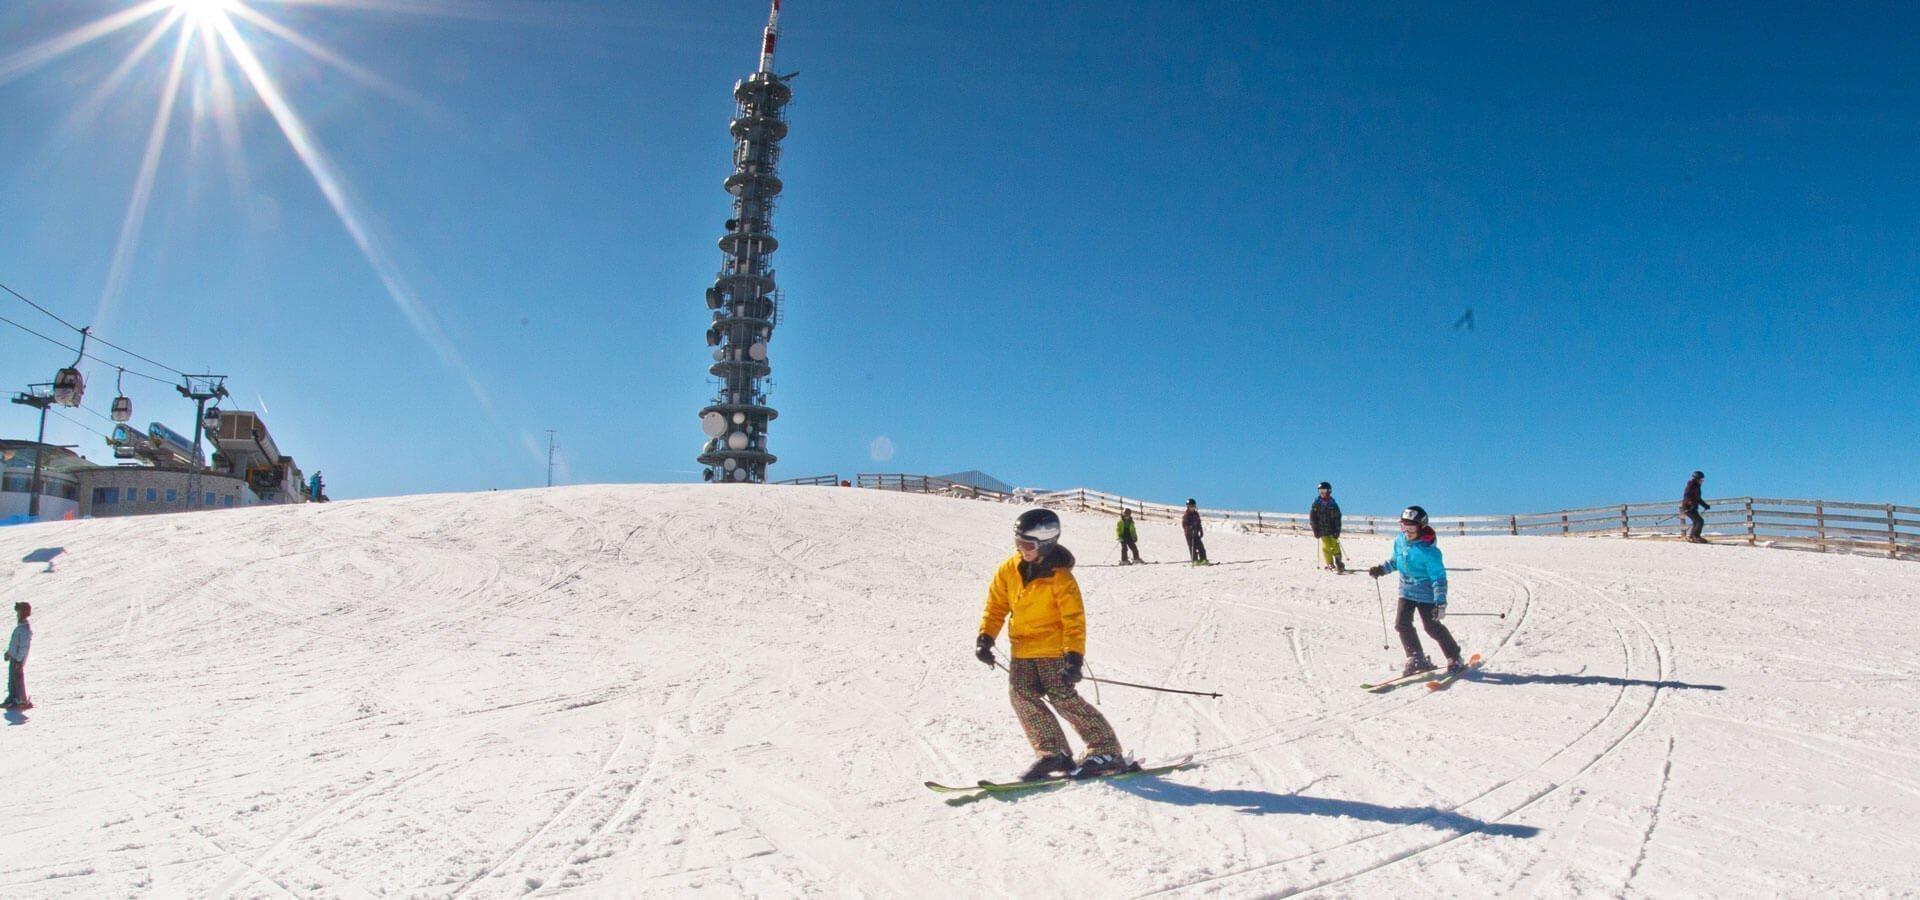 skifahren-kronplatz